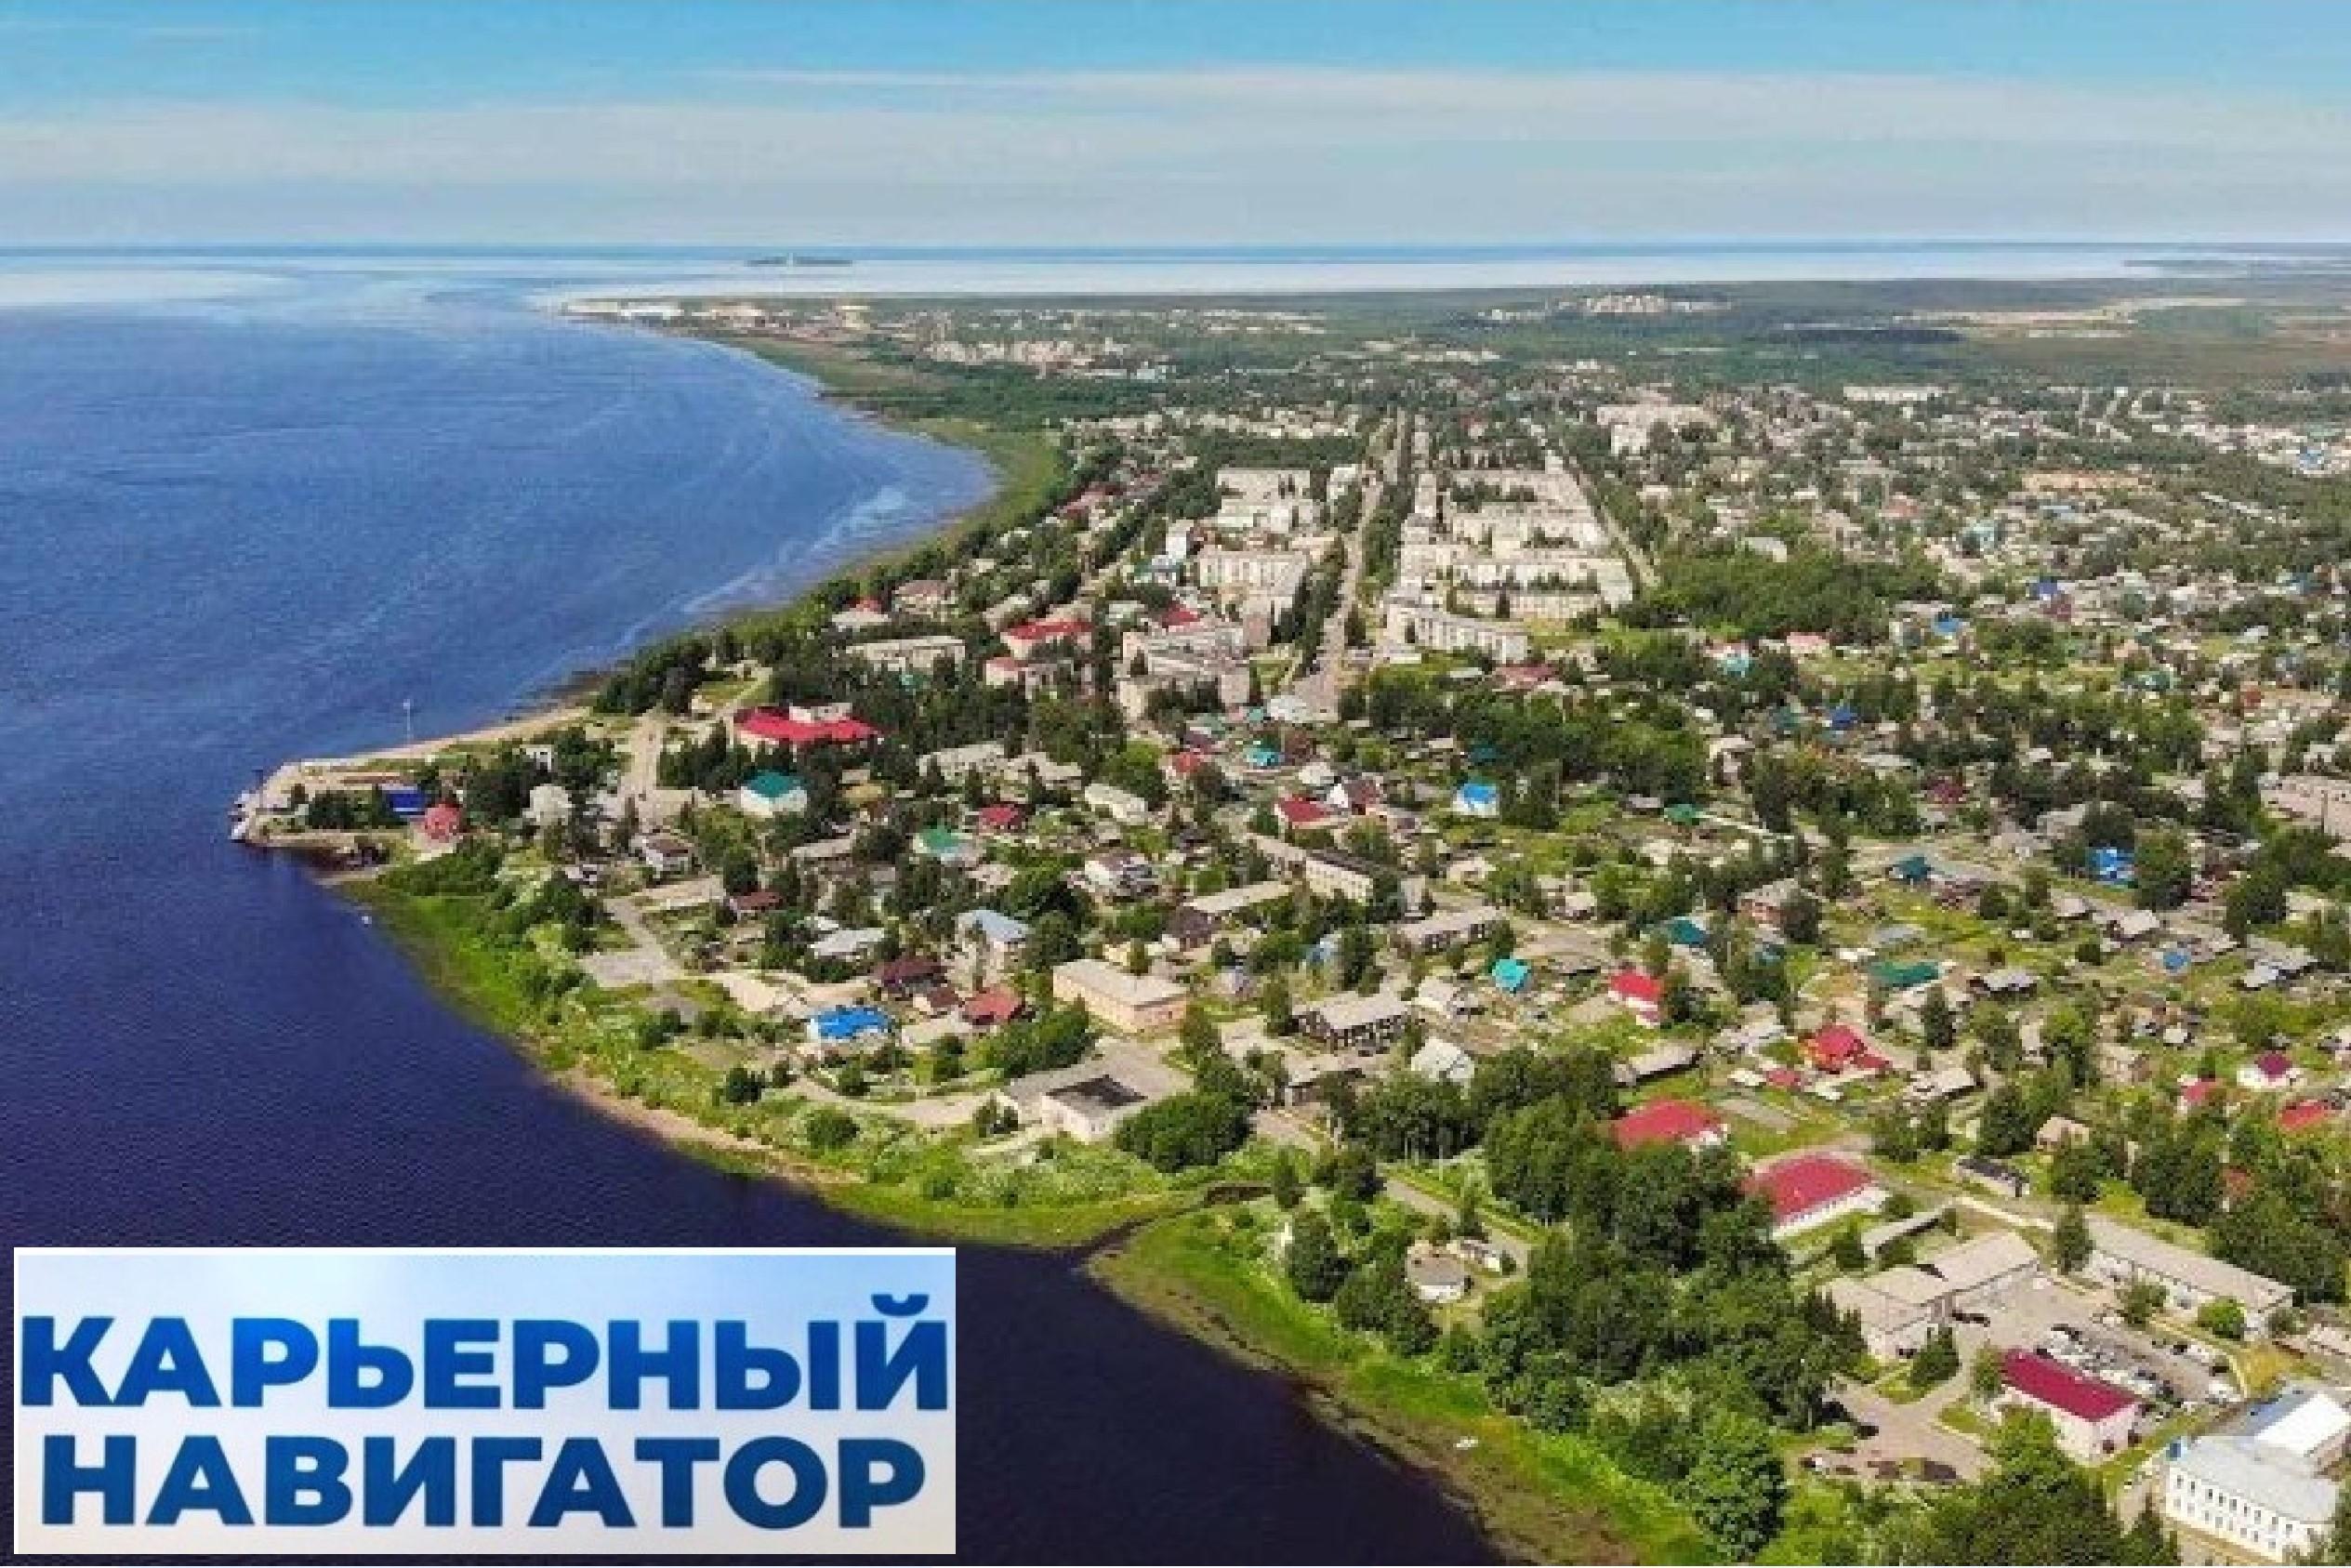 В Онеге пройдут Поморские дни карьерной навигации